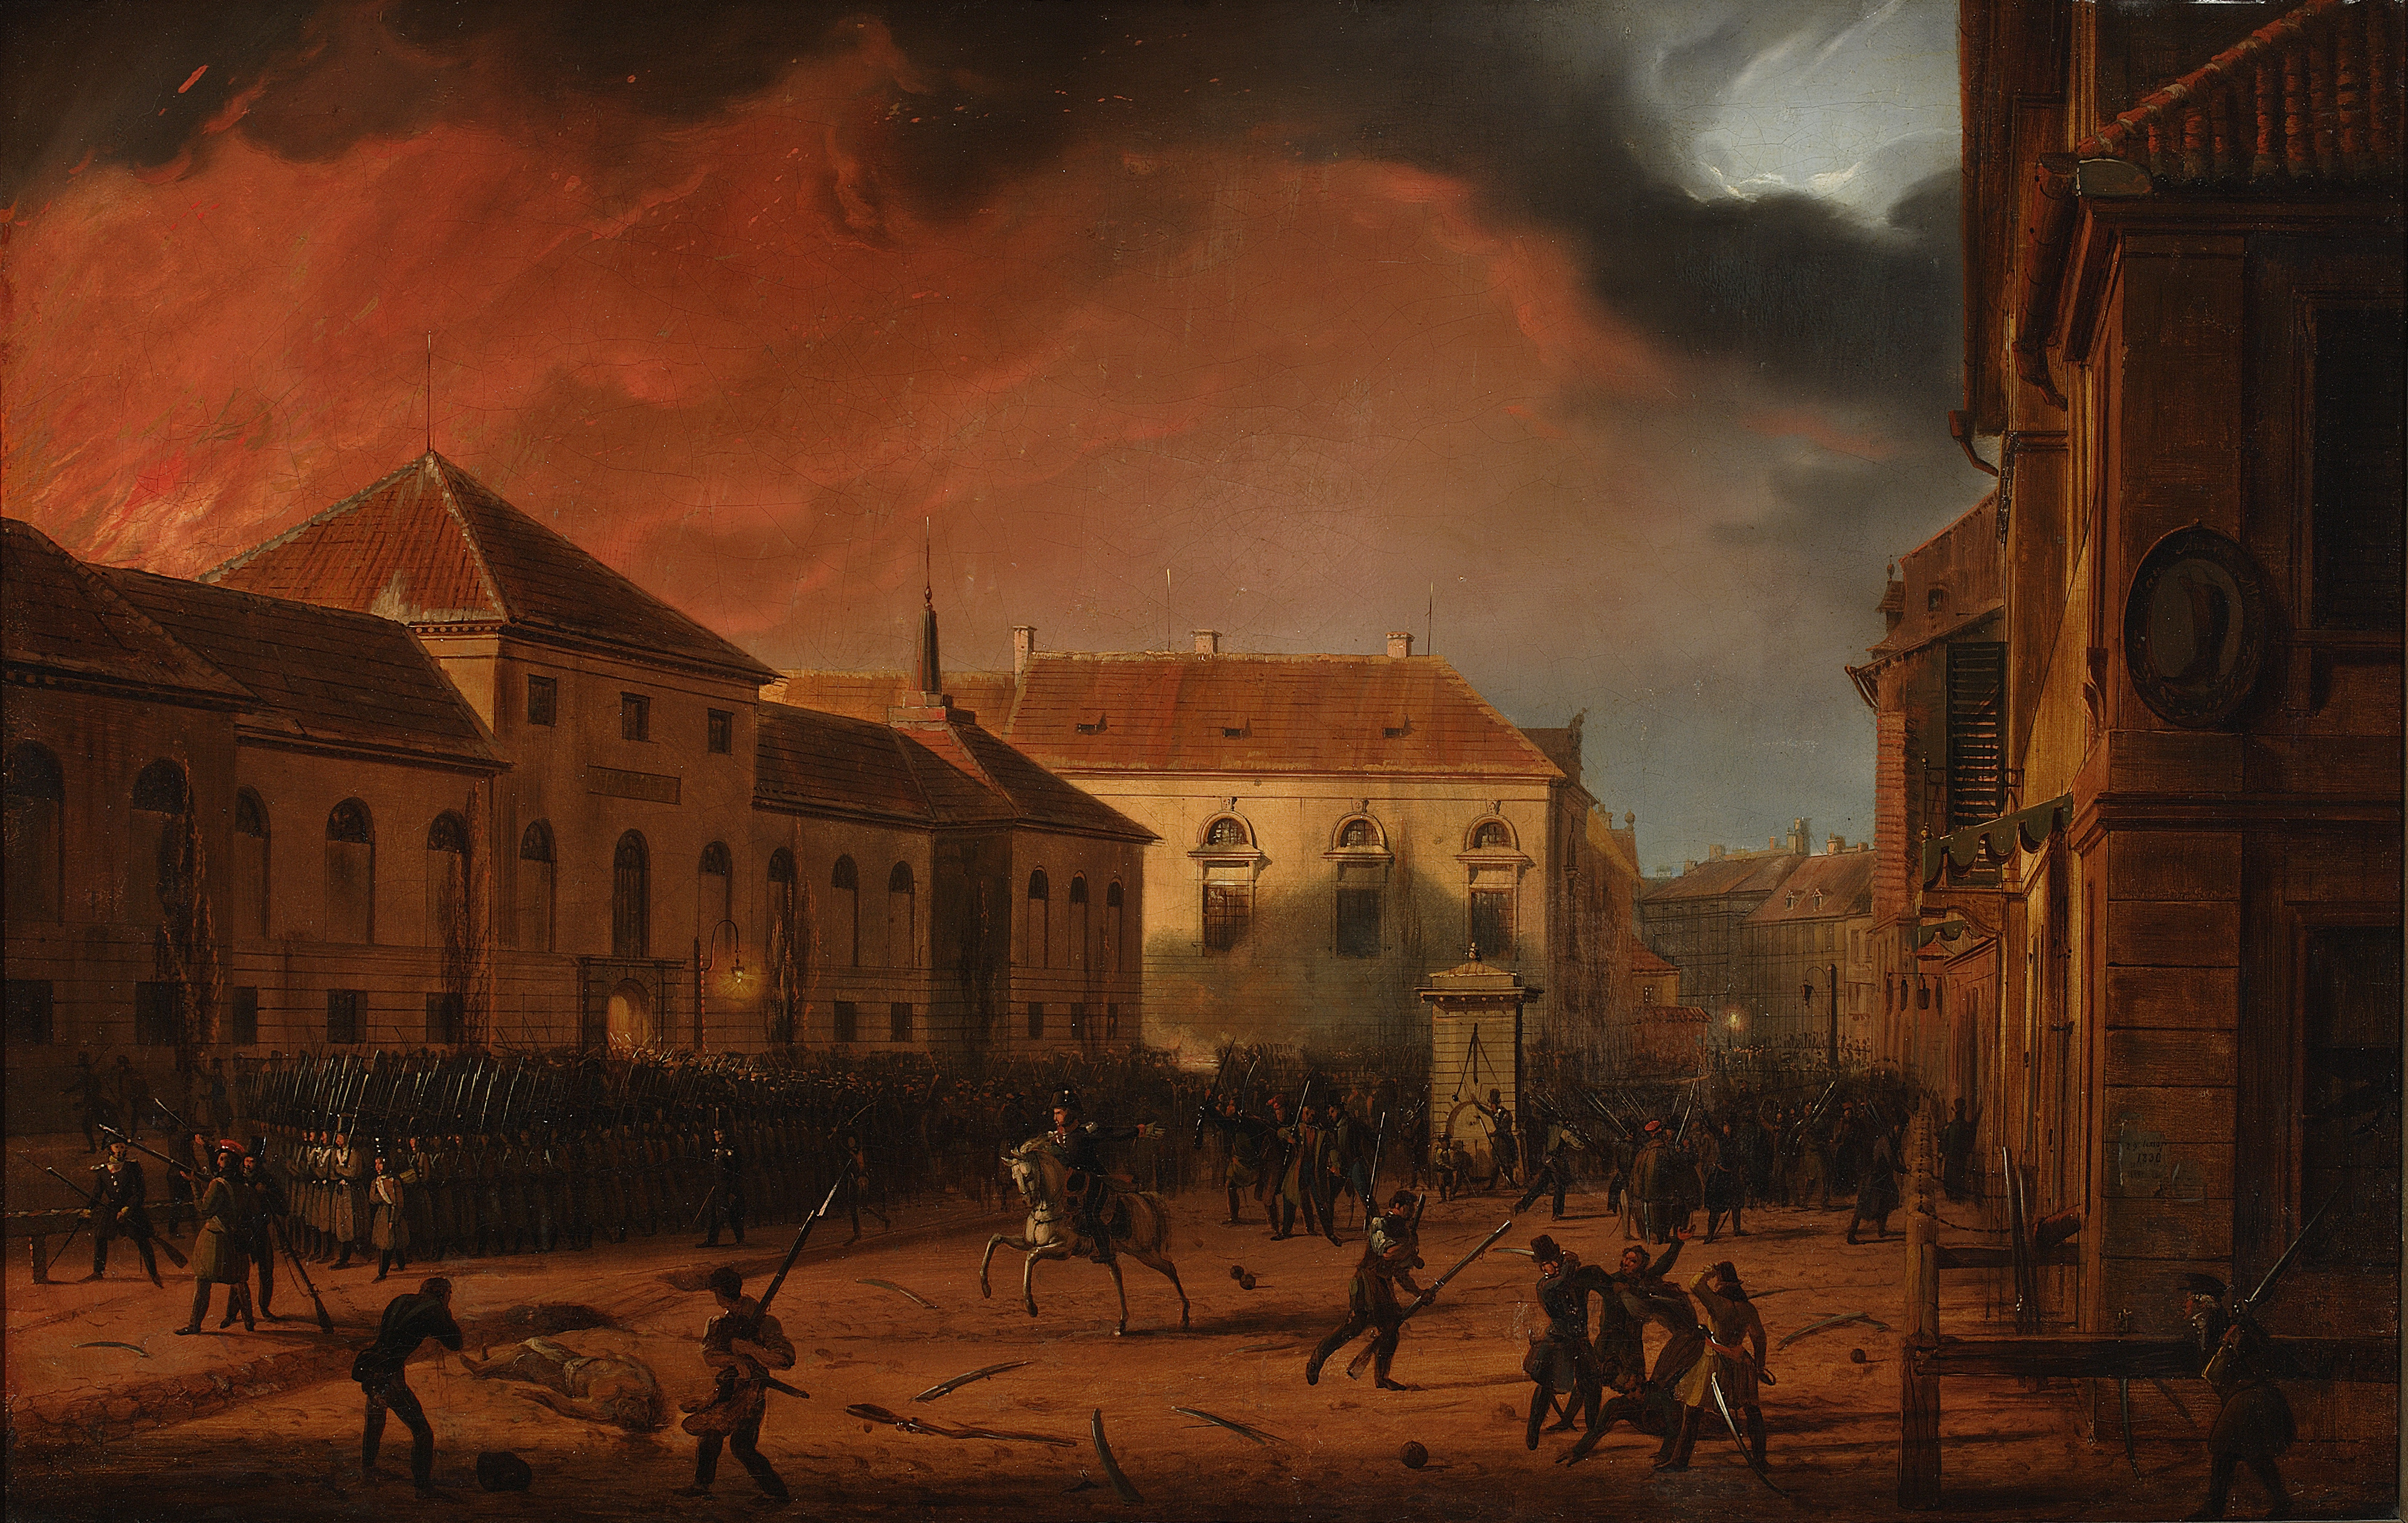 La toma del arsenal de Varsovia, uno de los primeros sucesos del Levantamiento de Noviembre